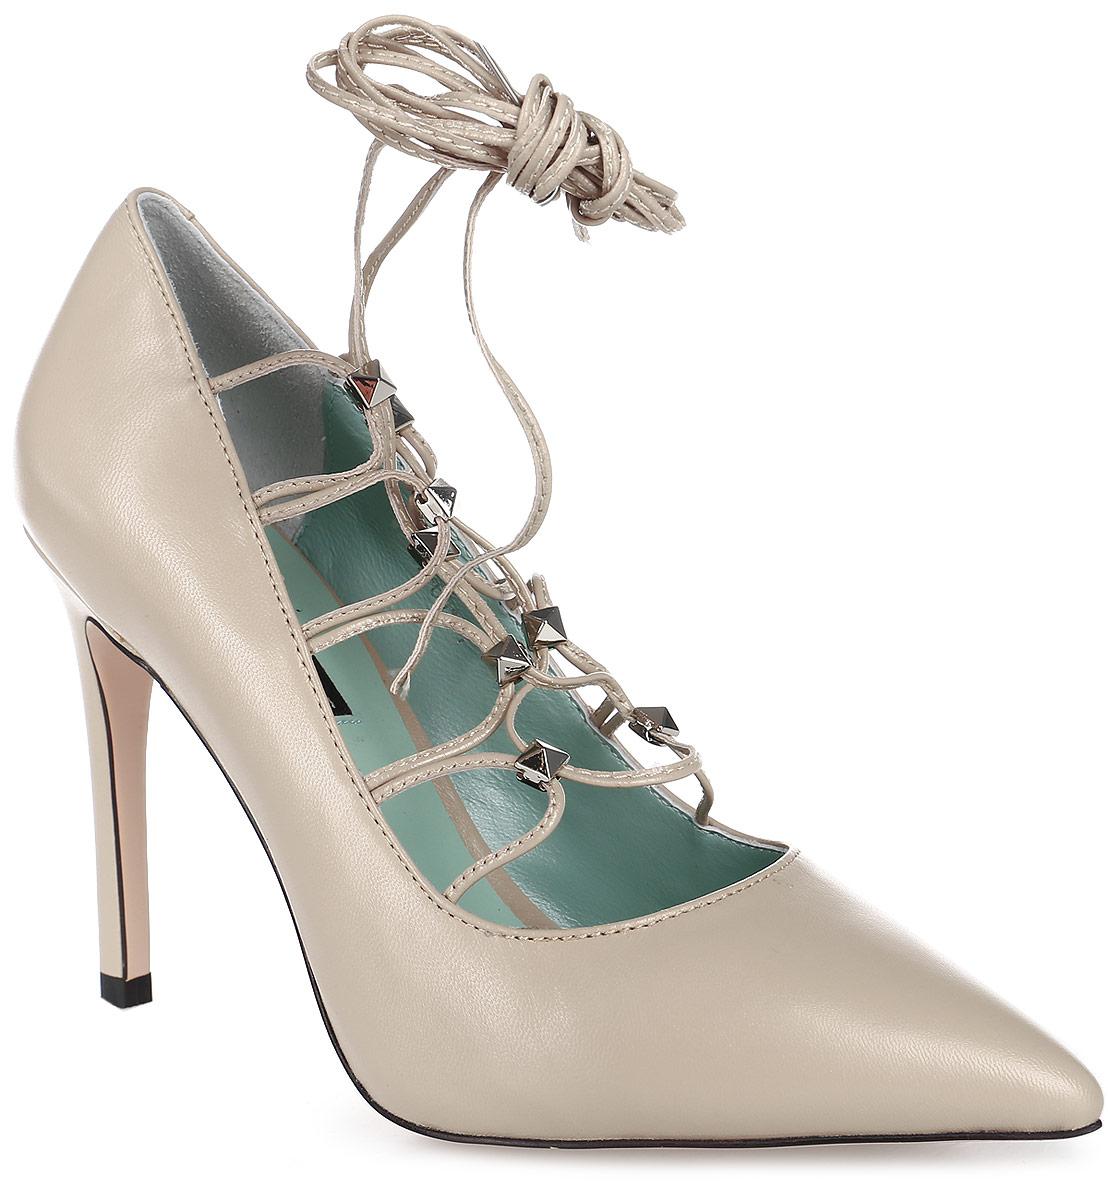 Туфли женские Graciana, цвет: бежевый. W2247-C01-1. Размер 39W2247-C01-1Женские туфли-лодочки от Gracianaс оригинальной шнуровкой на шпильке выполнены из натуральной кожи. Подкладка, изготовленная из натуральной кожи, обладает хорошей влаговпитываемостью и естественной воздухопроницаемостью. Стелька из натуральной кожи гарантирует комфорт и удобство стопам. Подошва из резины обеспечивает хорошую амортизацию и сцепление с любой поверхностью.